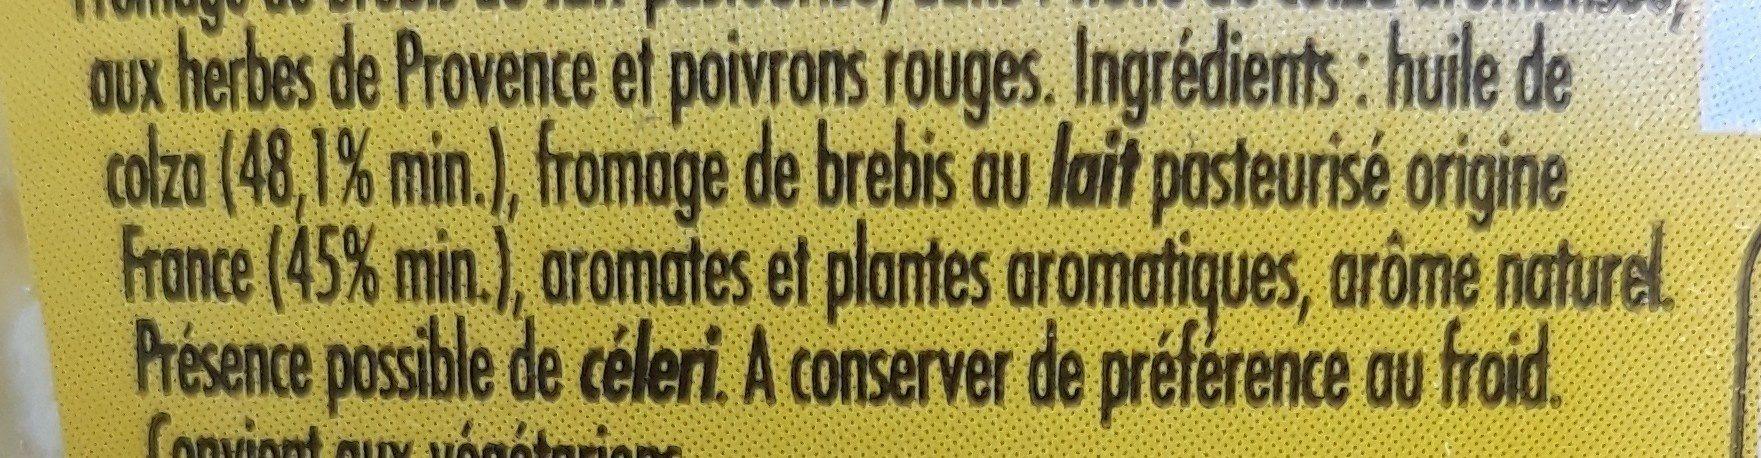 Fromage de brebis, herbes de Provence - Ingrediënten